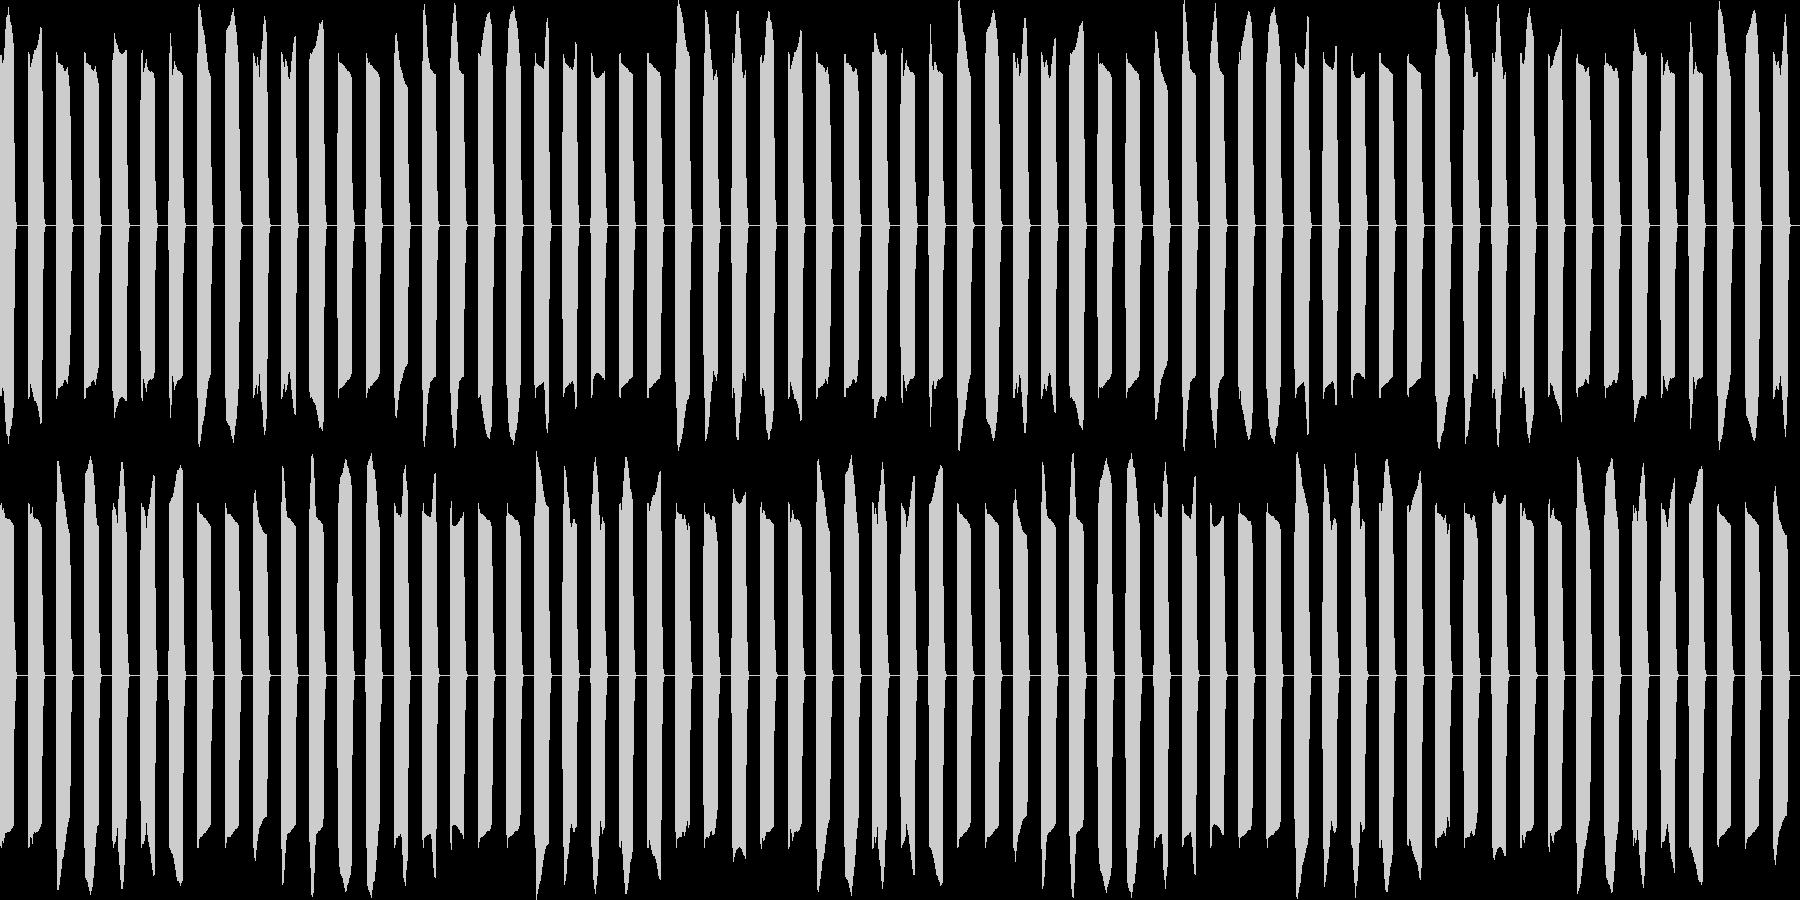 ピピピ...。アラーム・目覚ましB(長)の未再生の波形